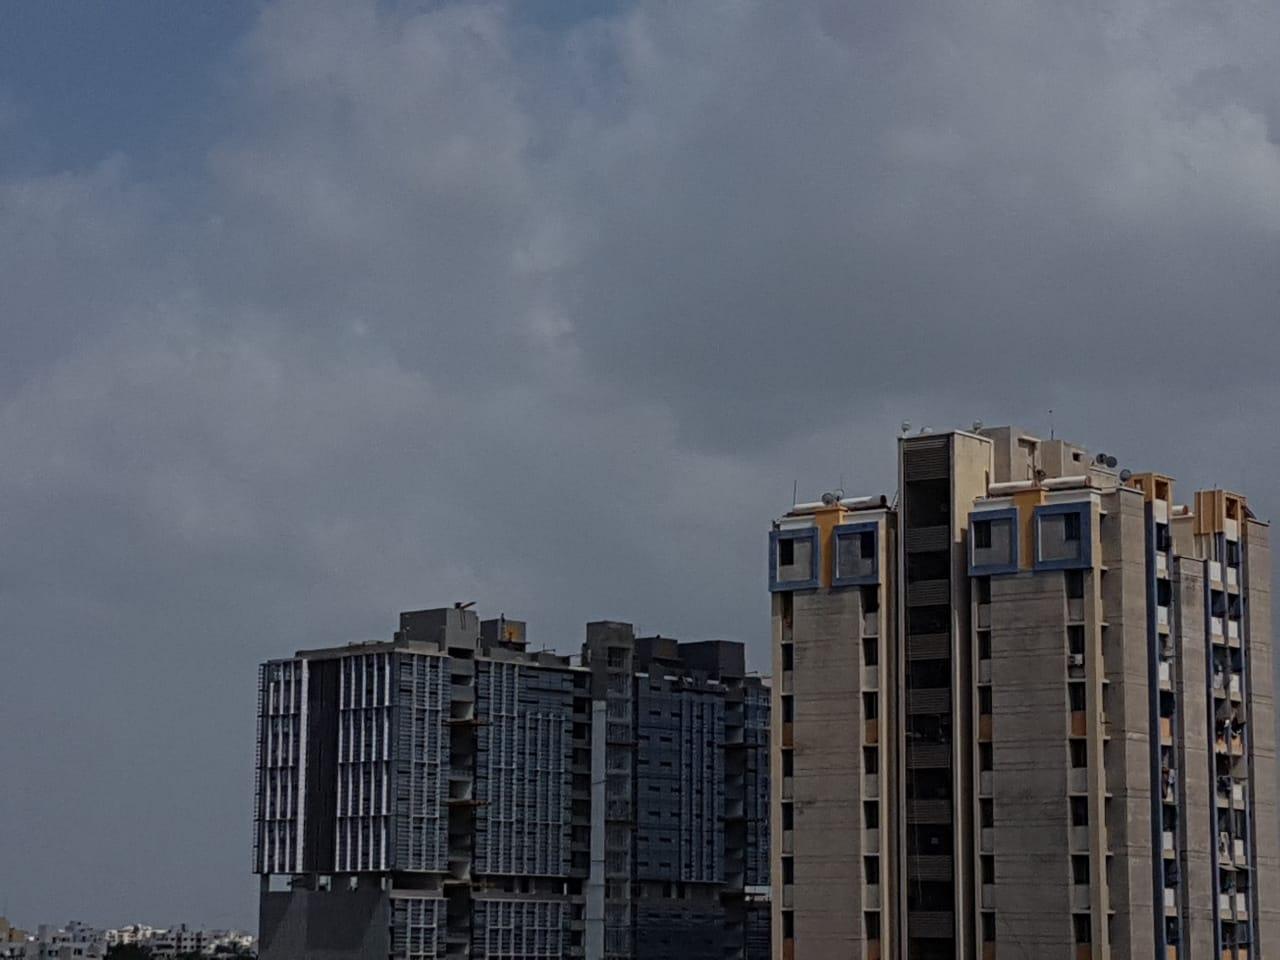 રાજકોટના વાતાવરણમાં પલ્ટો, સવારથી જ વાદળછાયું વાતાવરણ, વરસાદ પડે તેવી સંભાવના|રાજકોટ,Rajkot - Divya Bhaskar